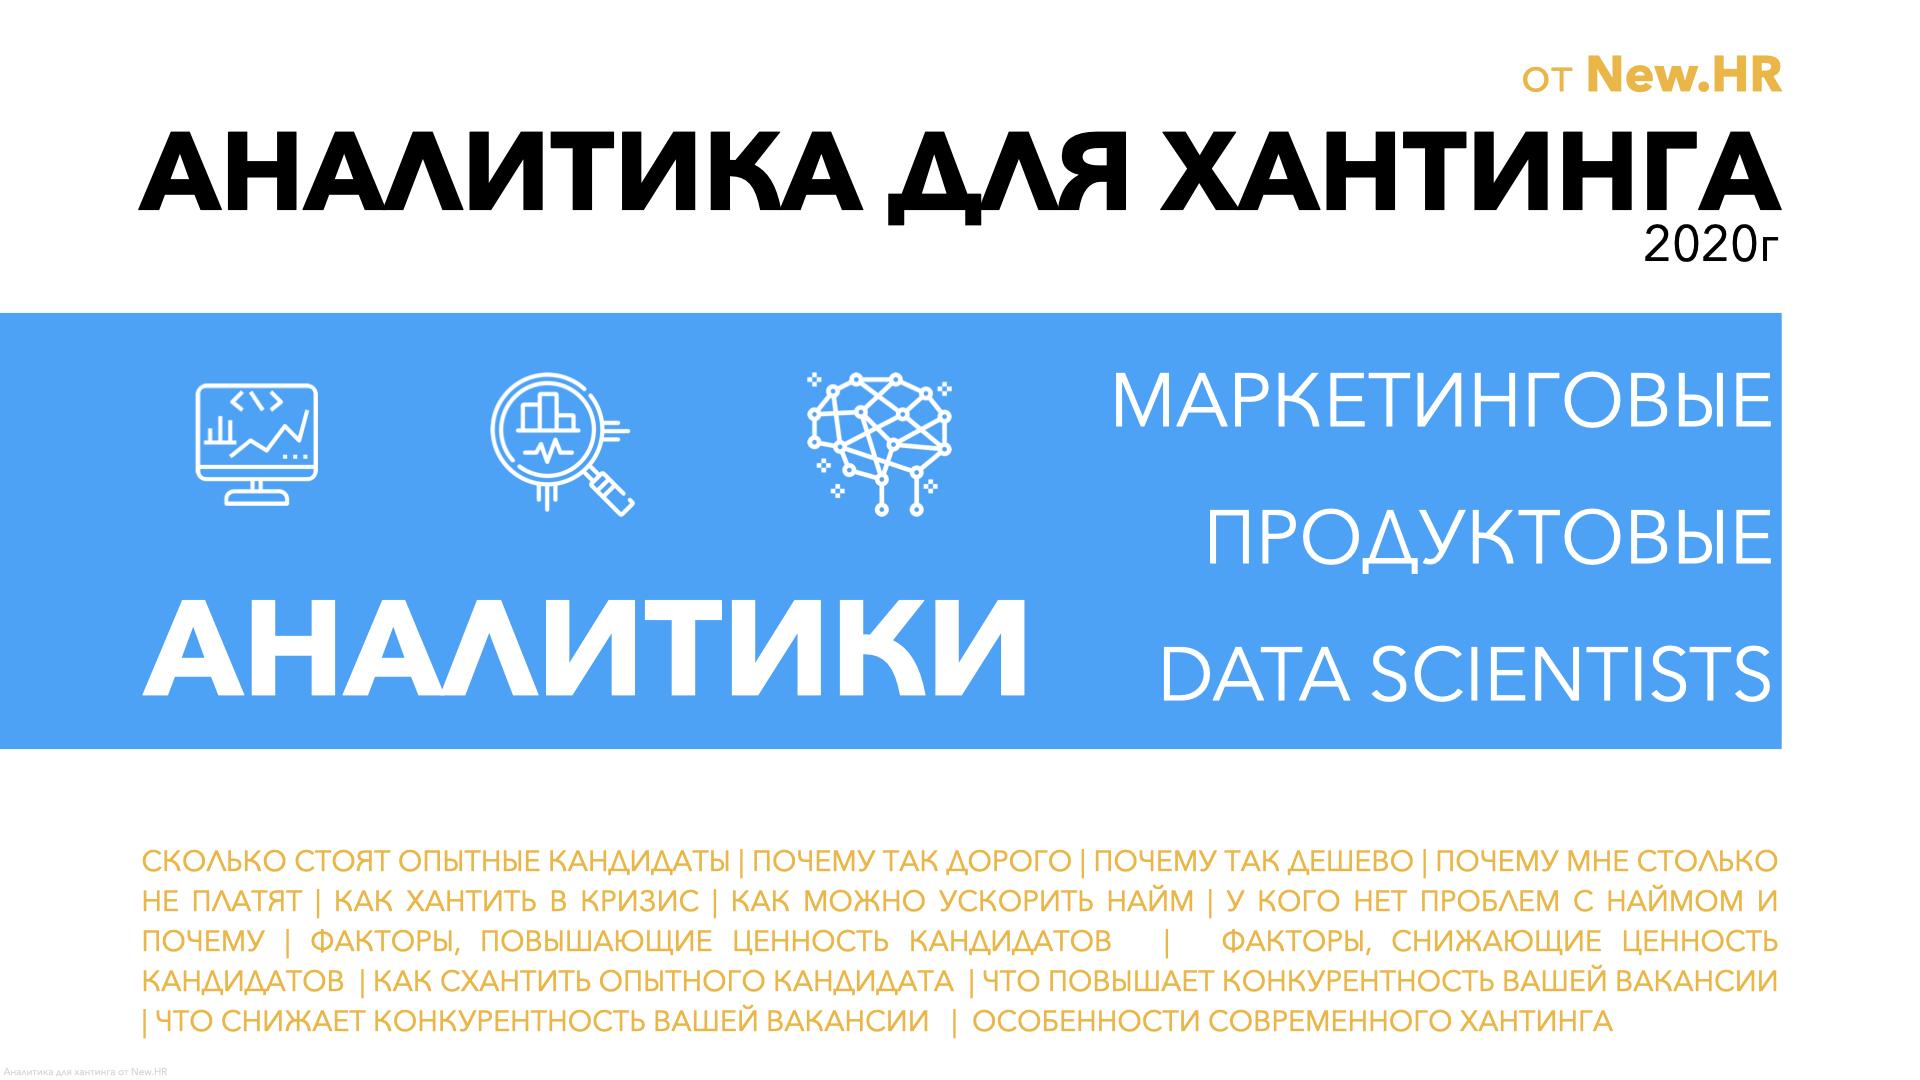 Аналитика для хантинга аналитиков продуктовых, data scientists, маркетинговых